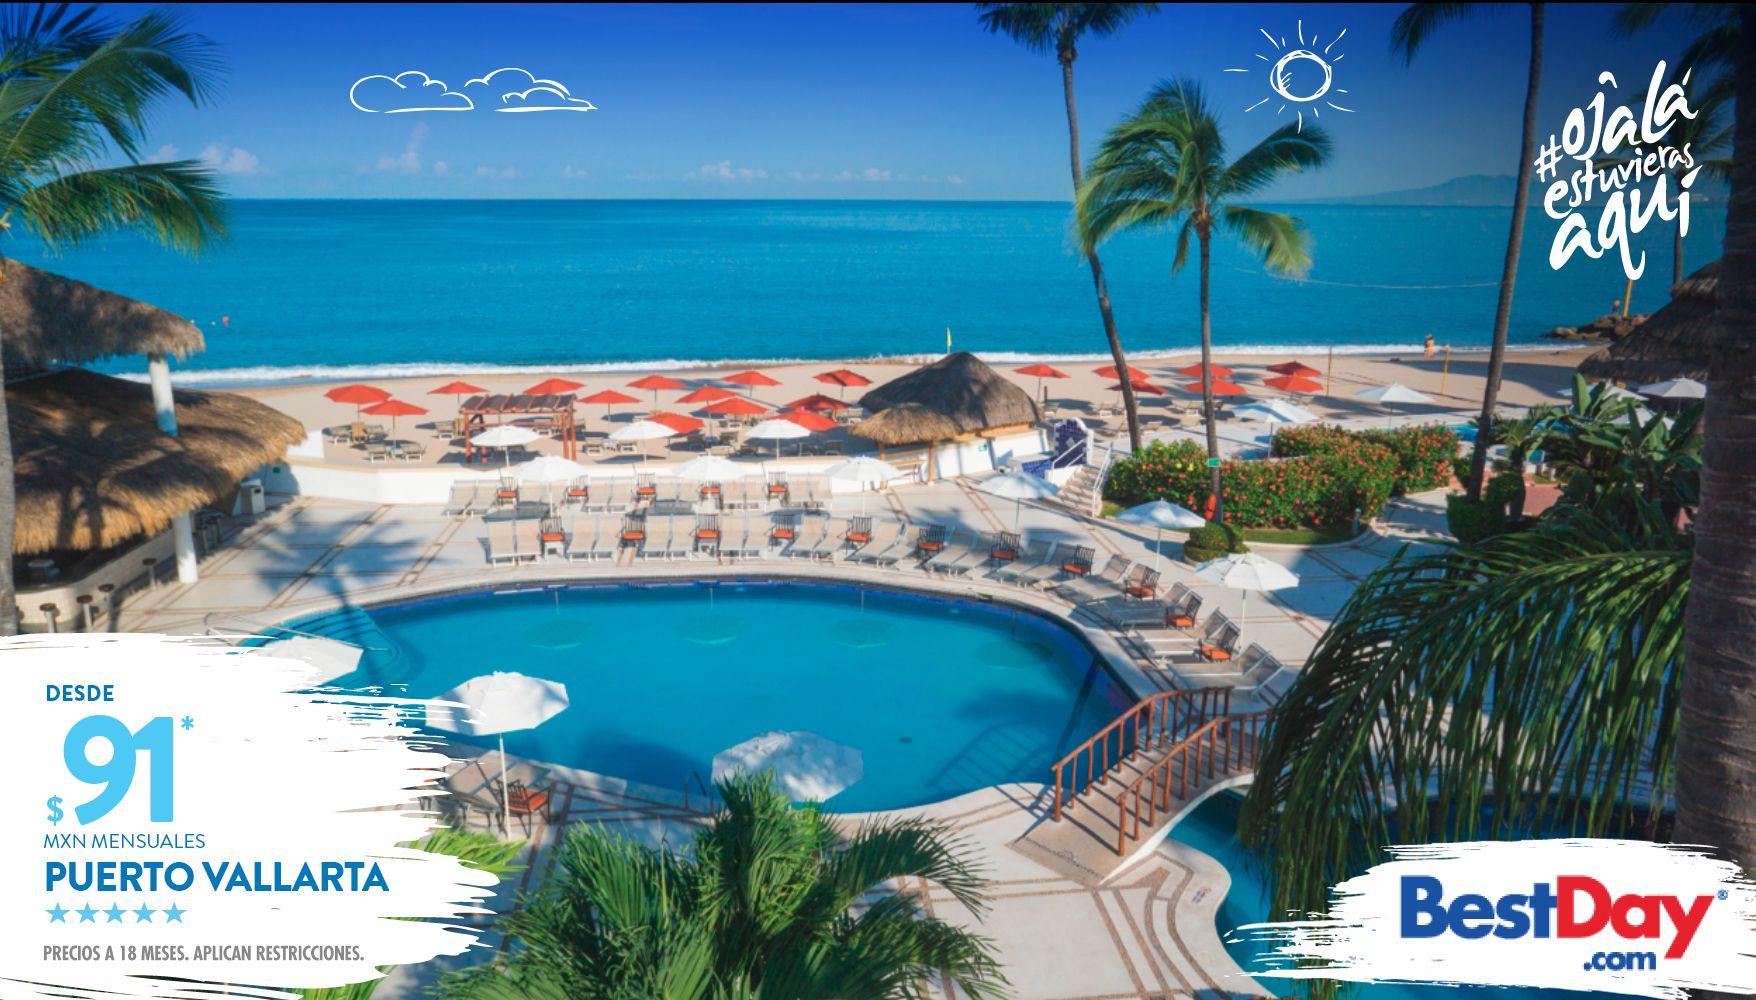 Plaza pelicanos club beach resort es hotel con plan todo incluido con una moderna arquitectura - Hoteles en puerto rico todo incluido ...